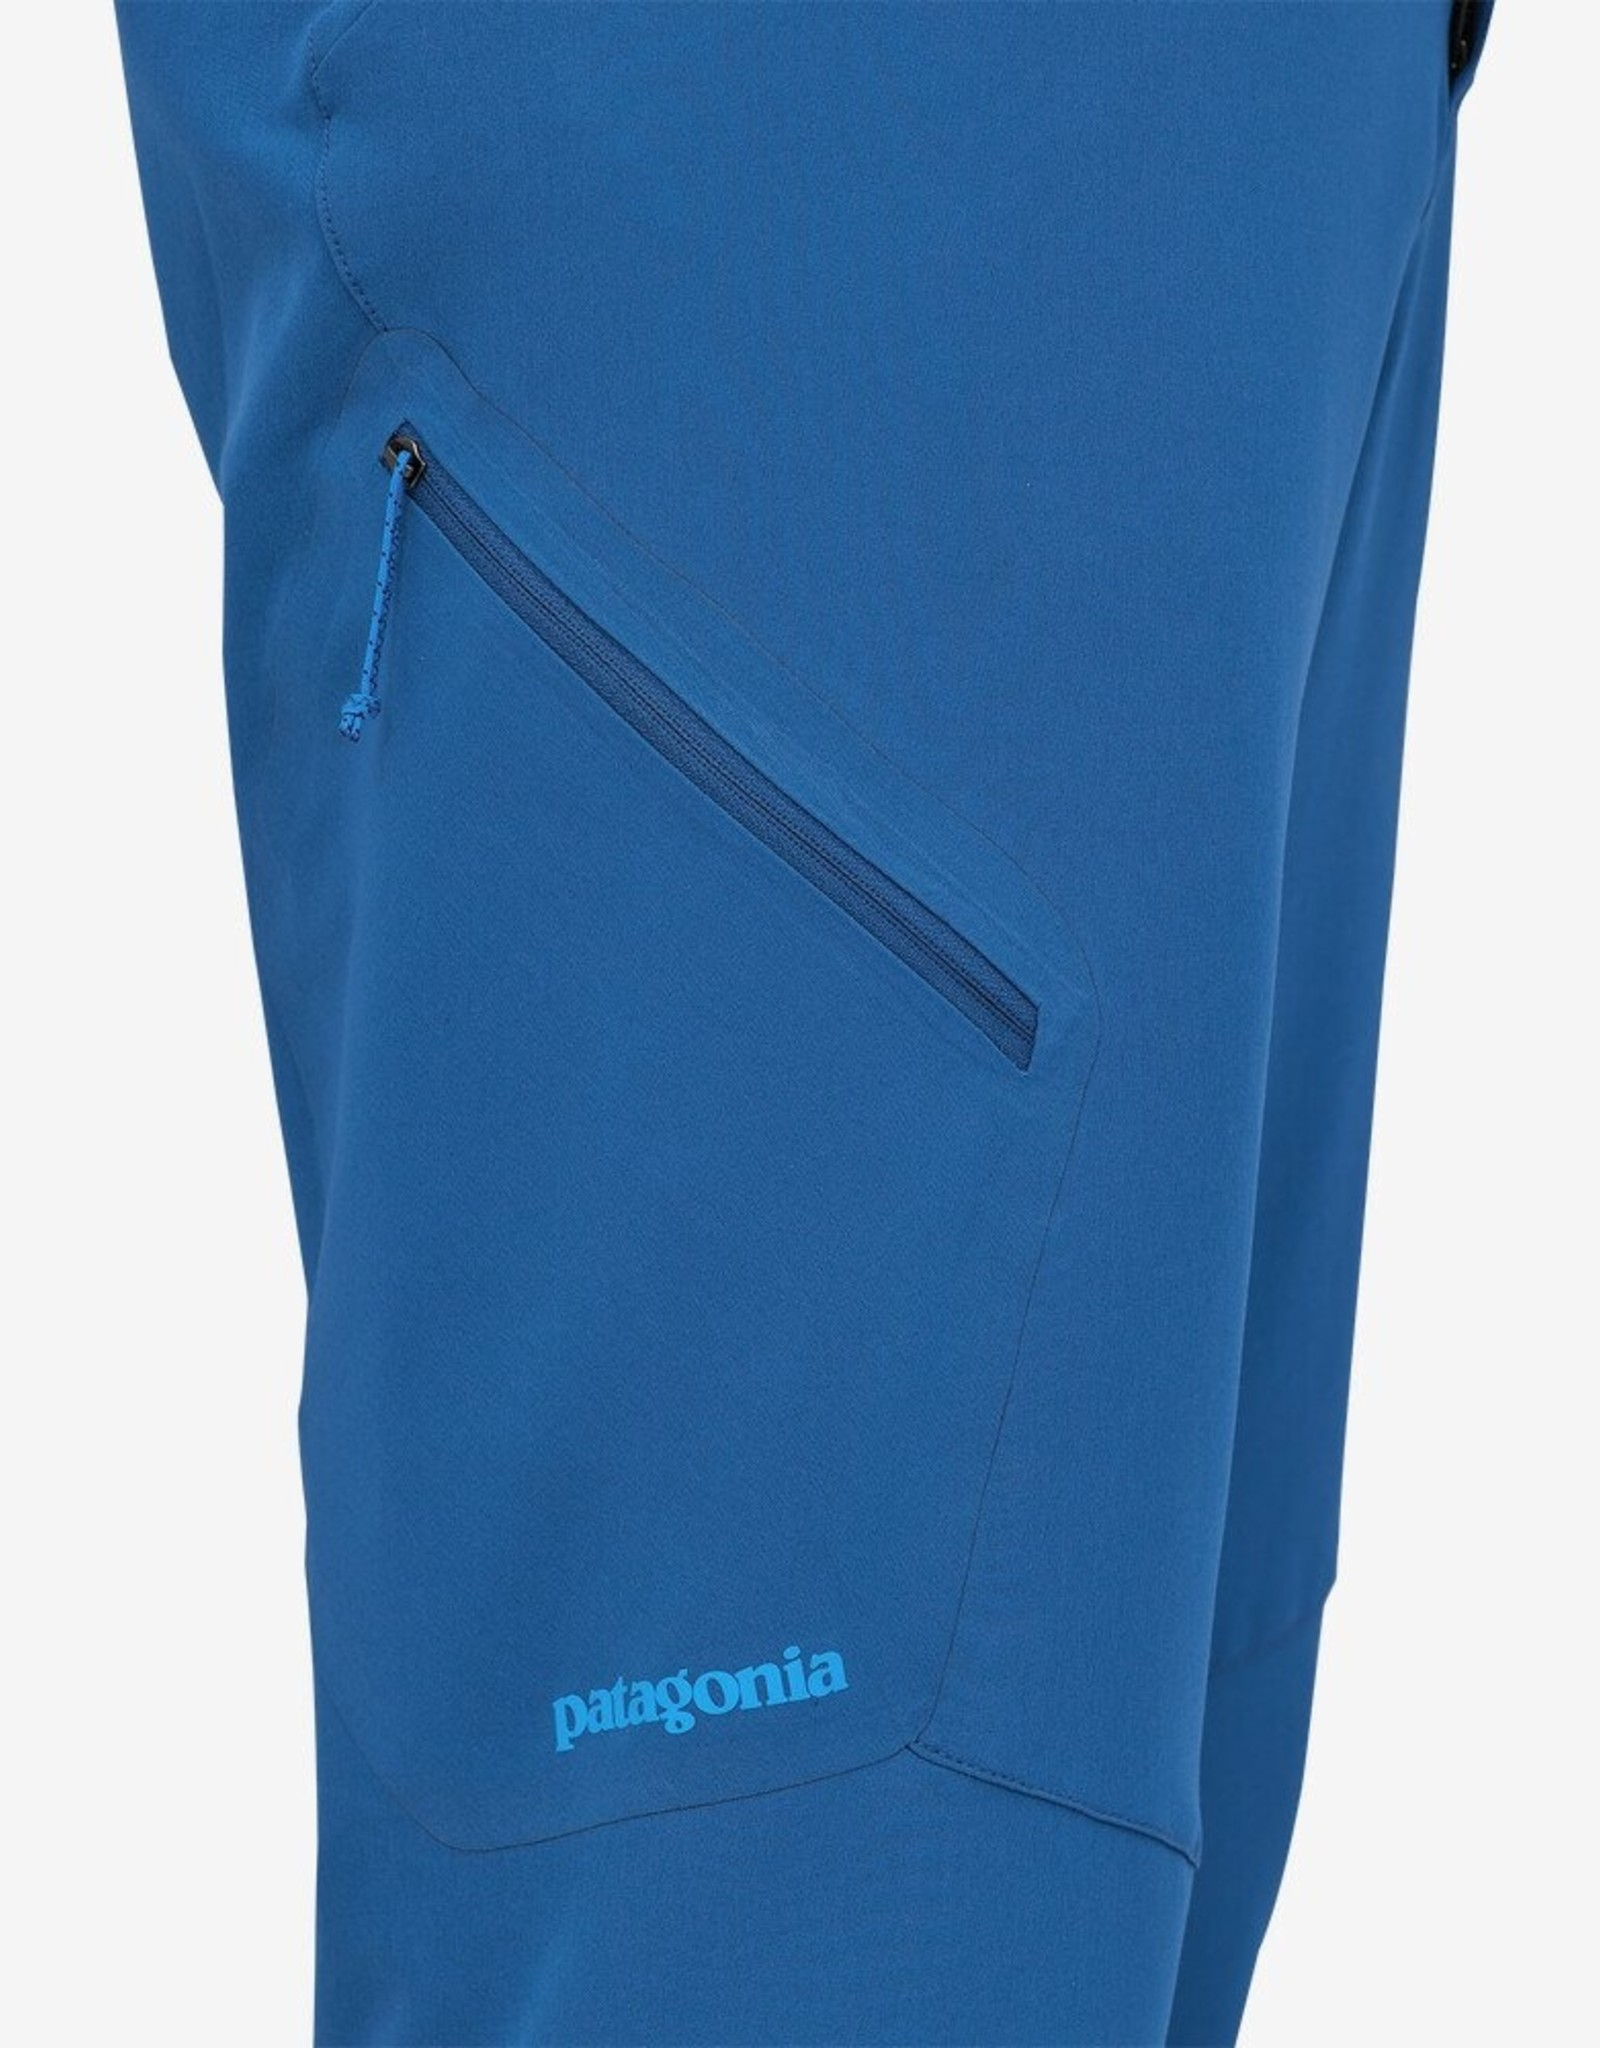 Patagonia Patagonia M's Simul Alpine Pants